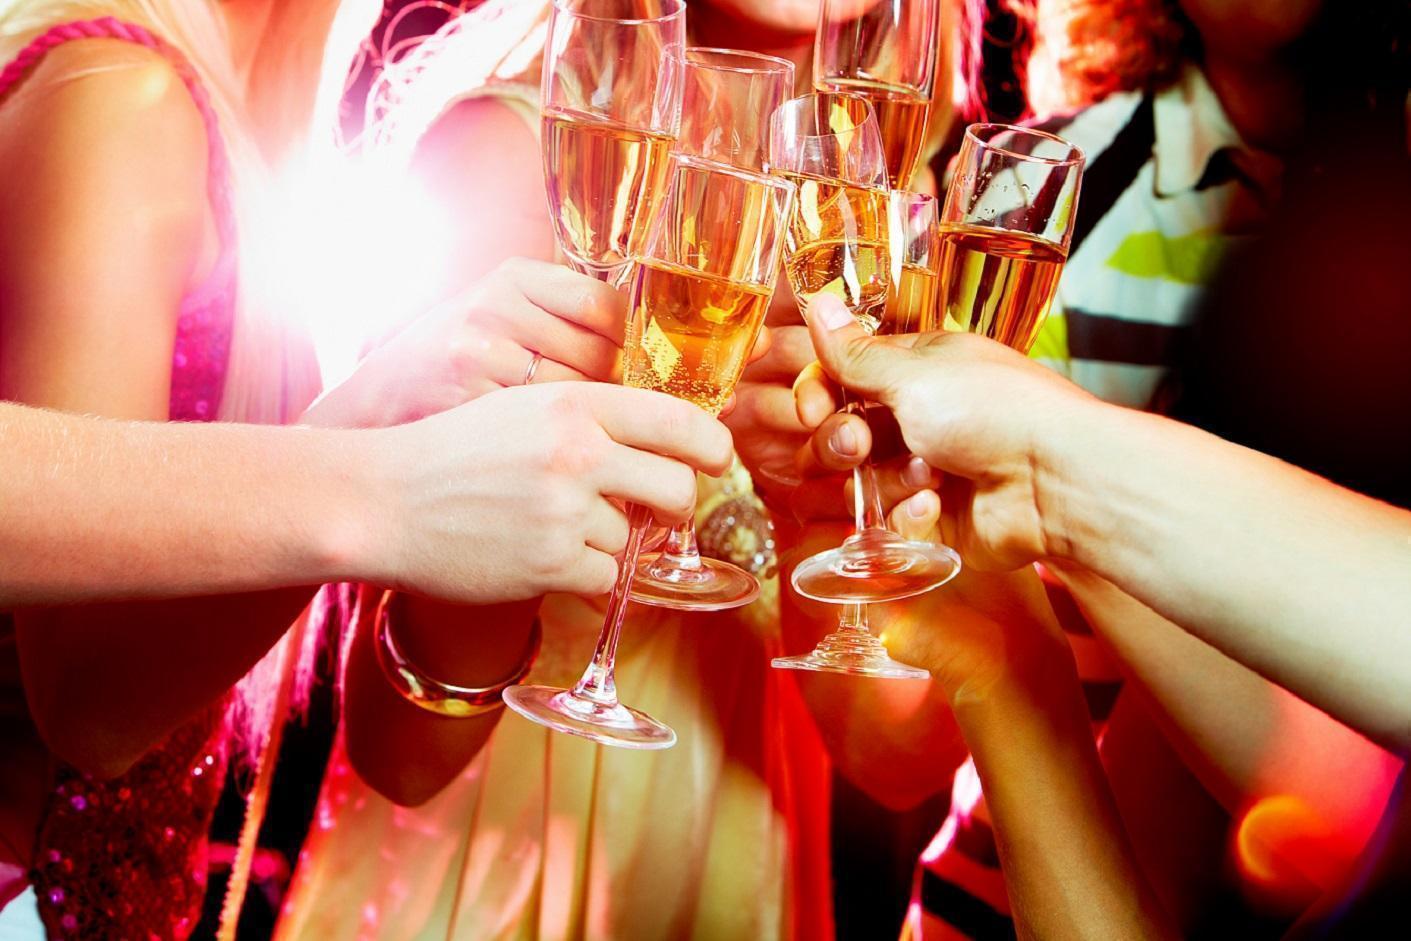 格拉斯哥大學研究指出,吸菸或有高學歷背景的英國年輕人與喝酒有高度正相關。